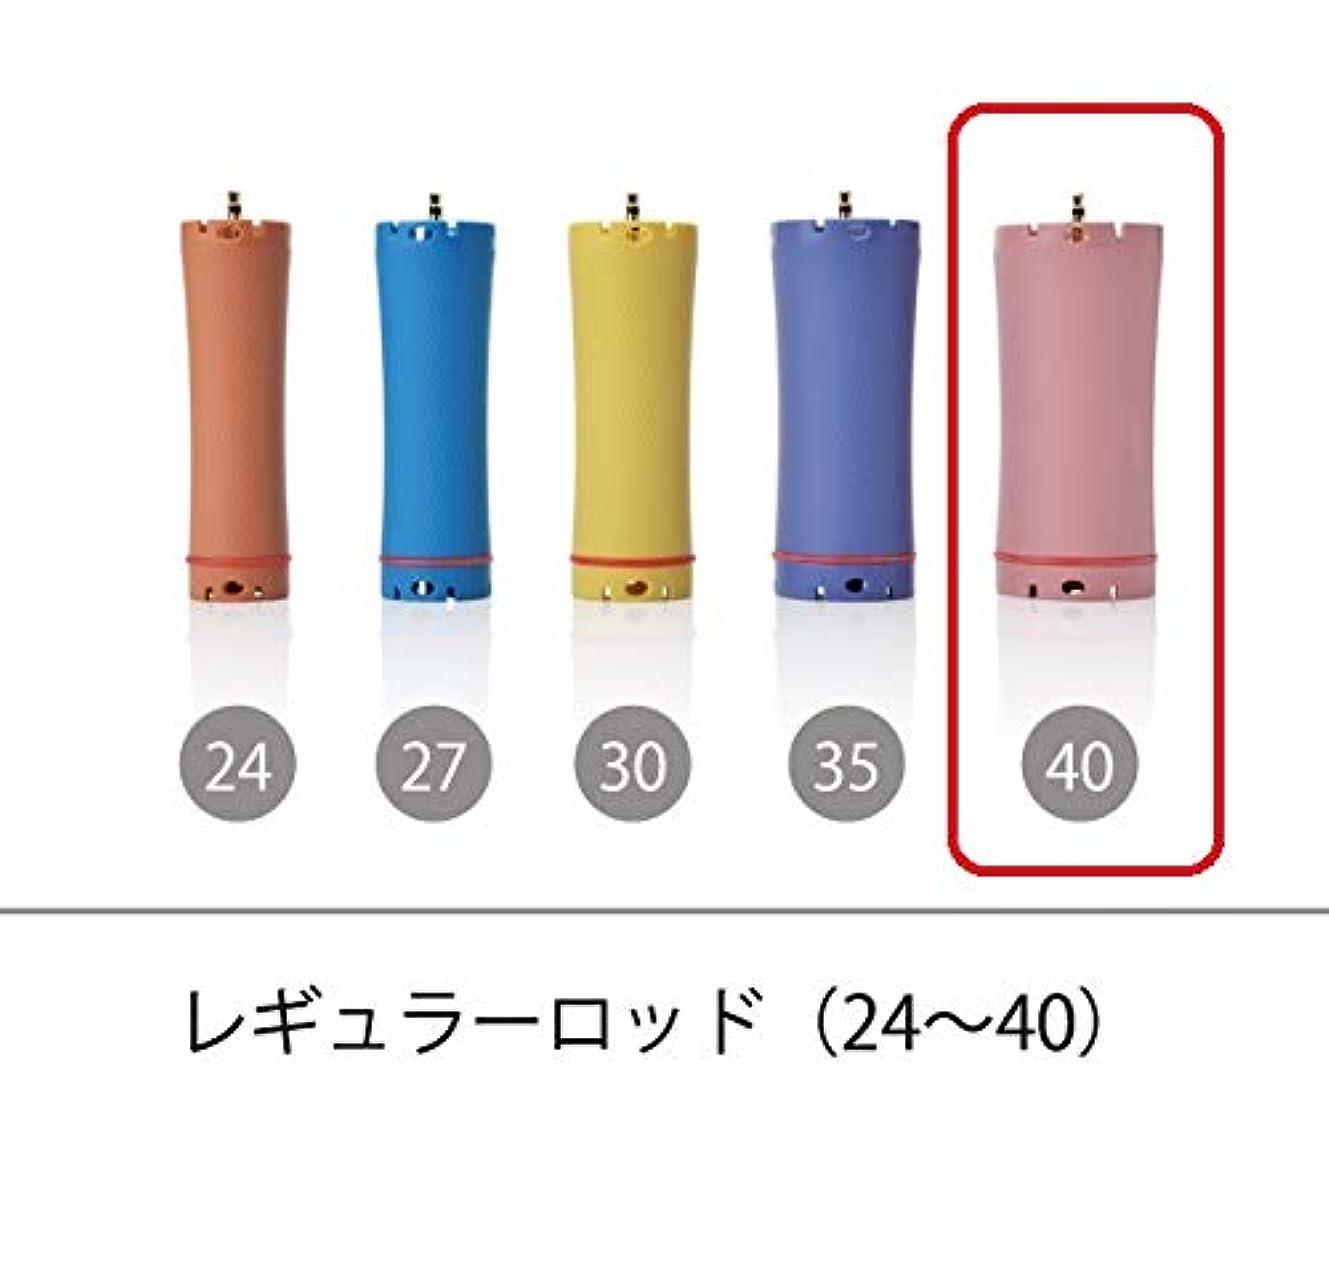 前提条件赤道レーザソキウス 専用ロッド レギュラーロッド 40mm